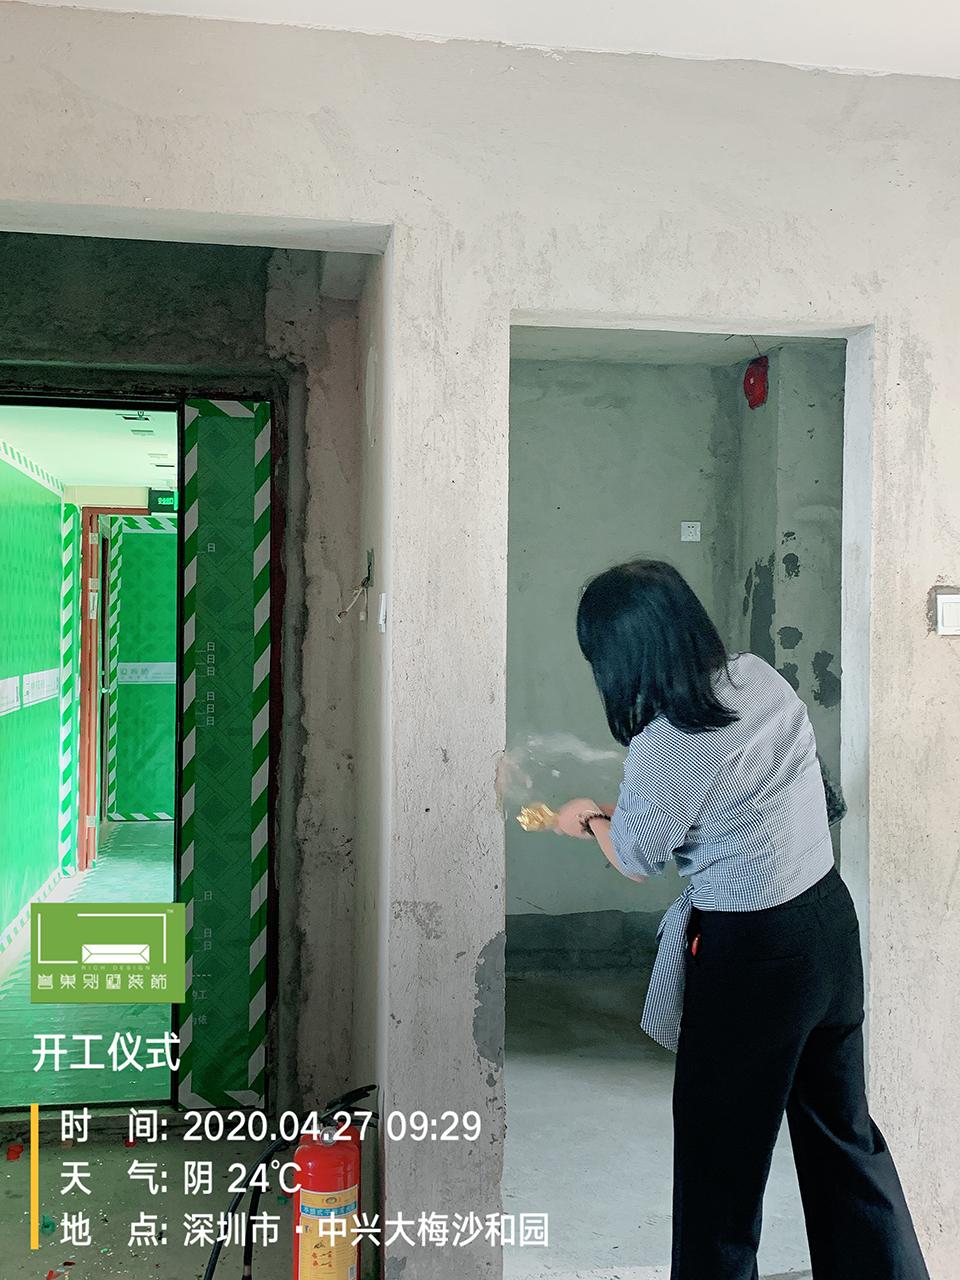 恭喜盐田中兴大梅沙和园M夫妇新房装修开工